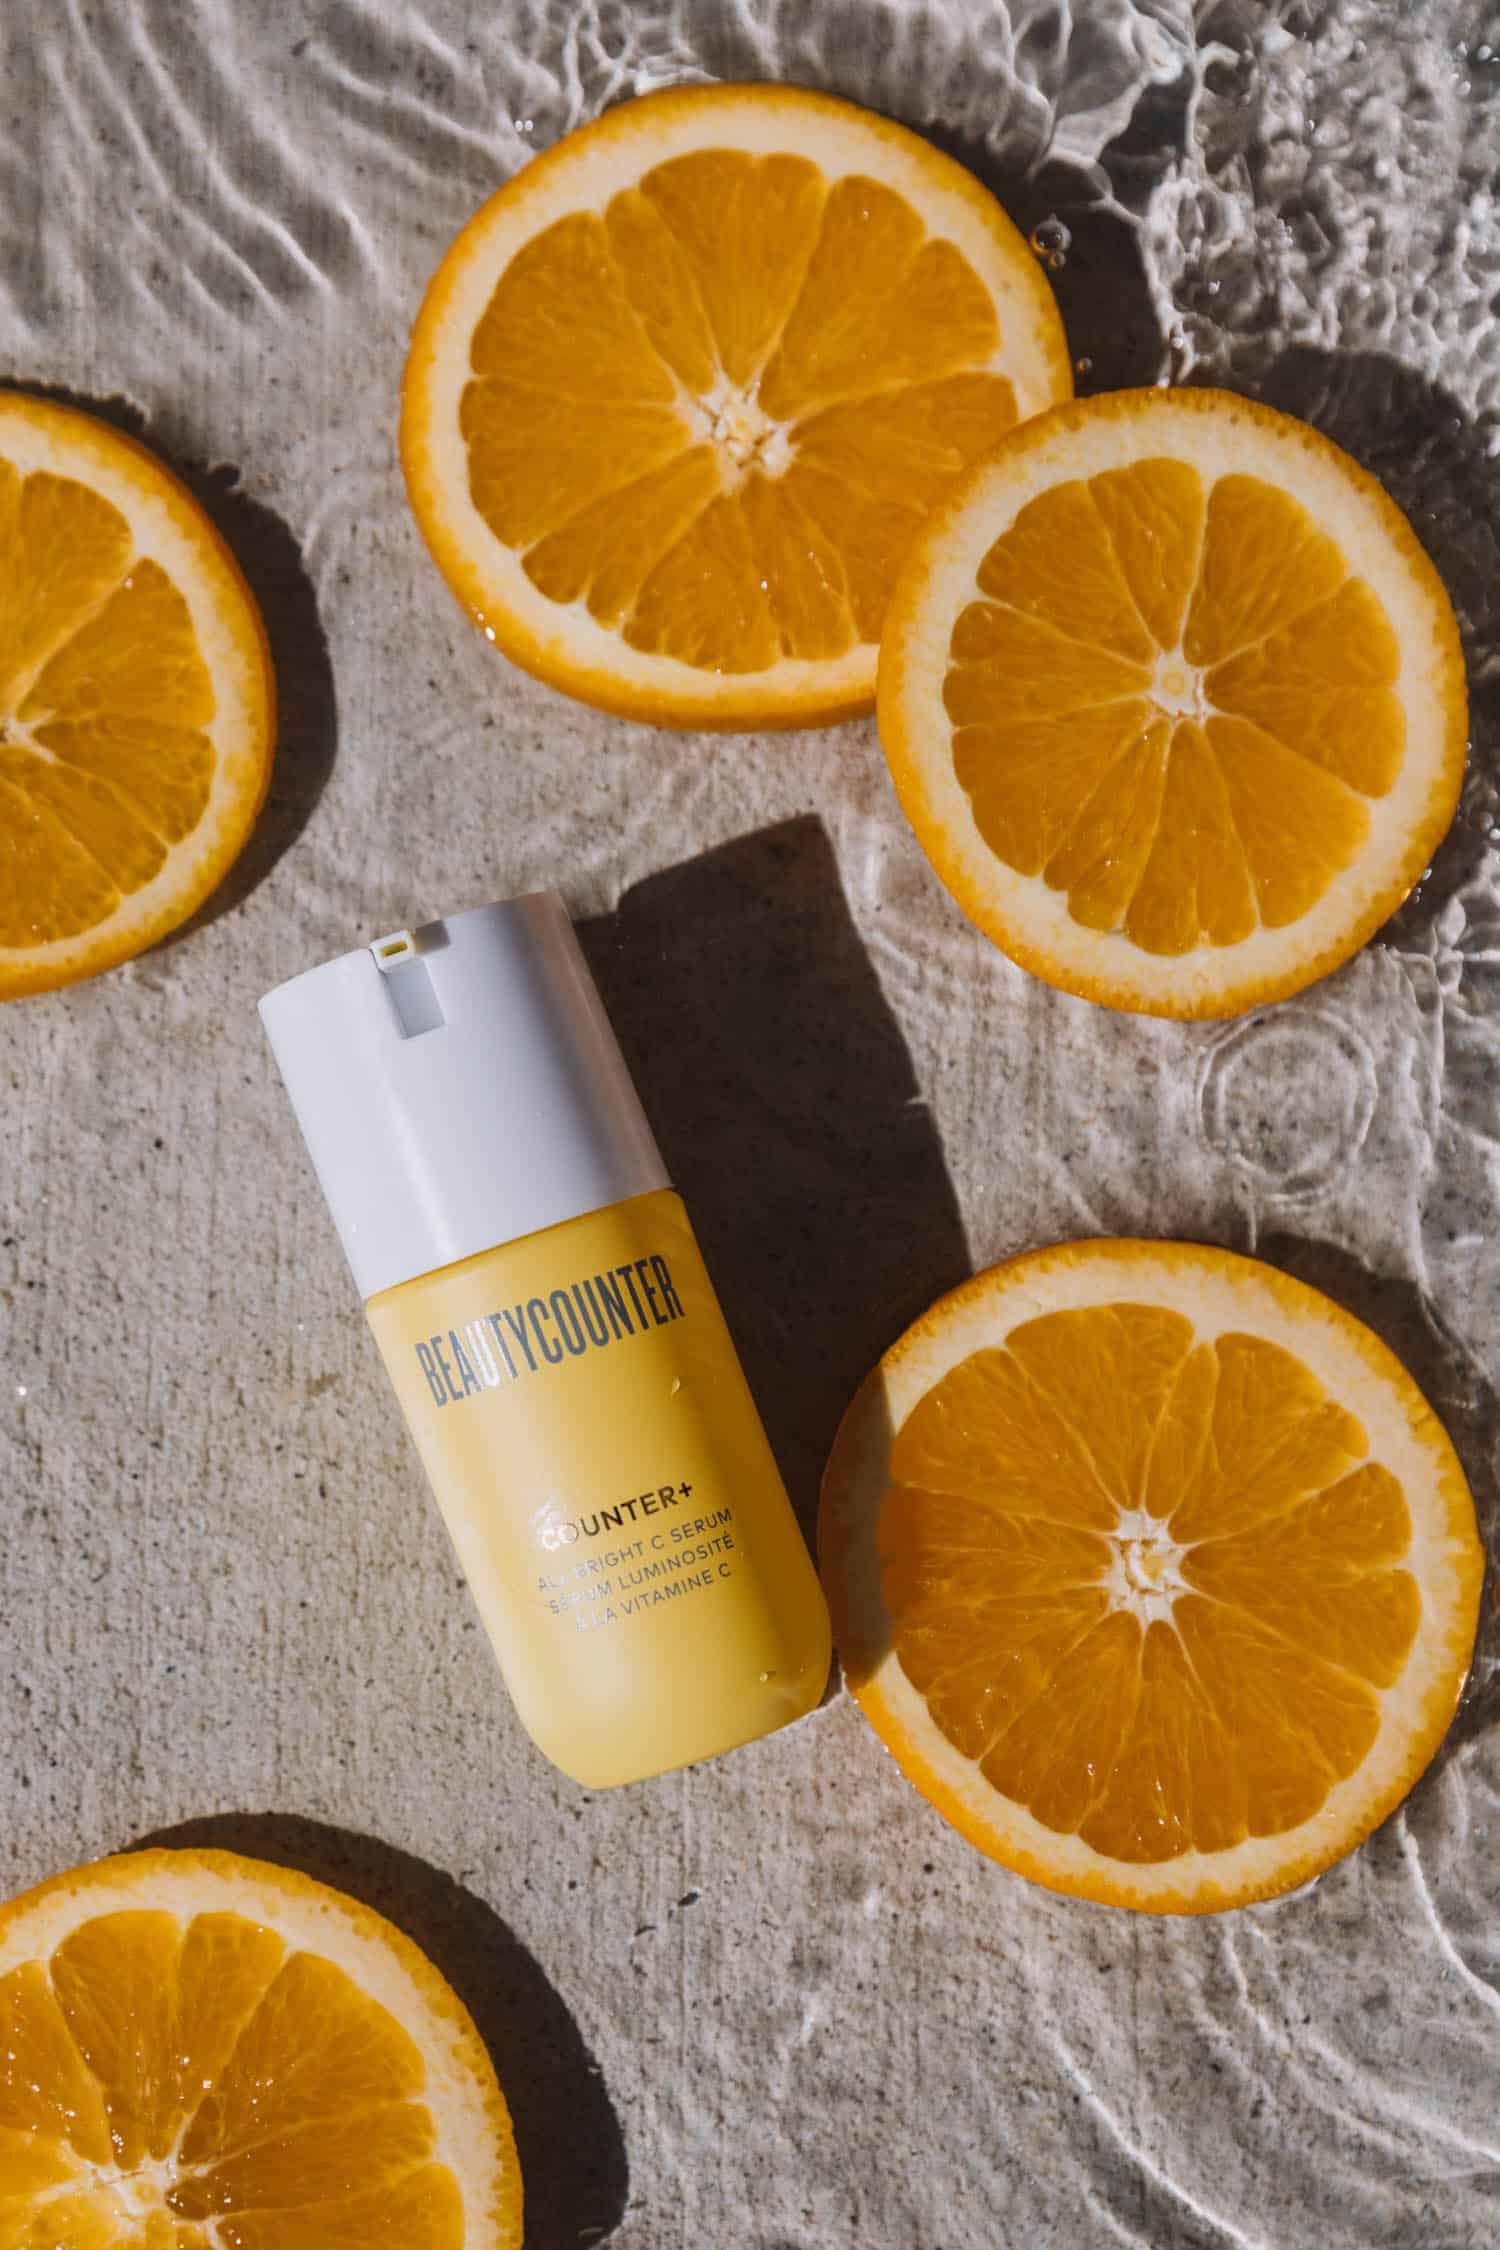 Beautycounter Vitamin C Serum Review